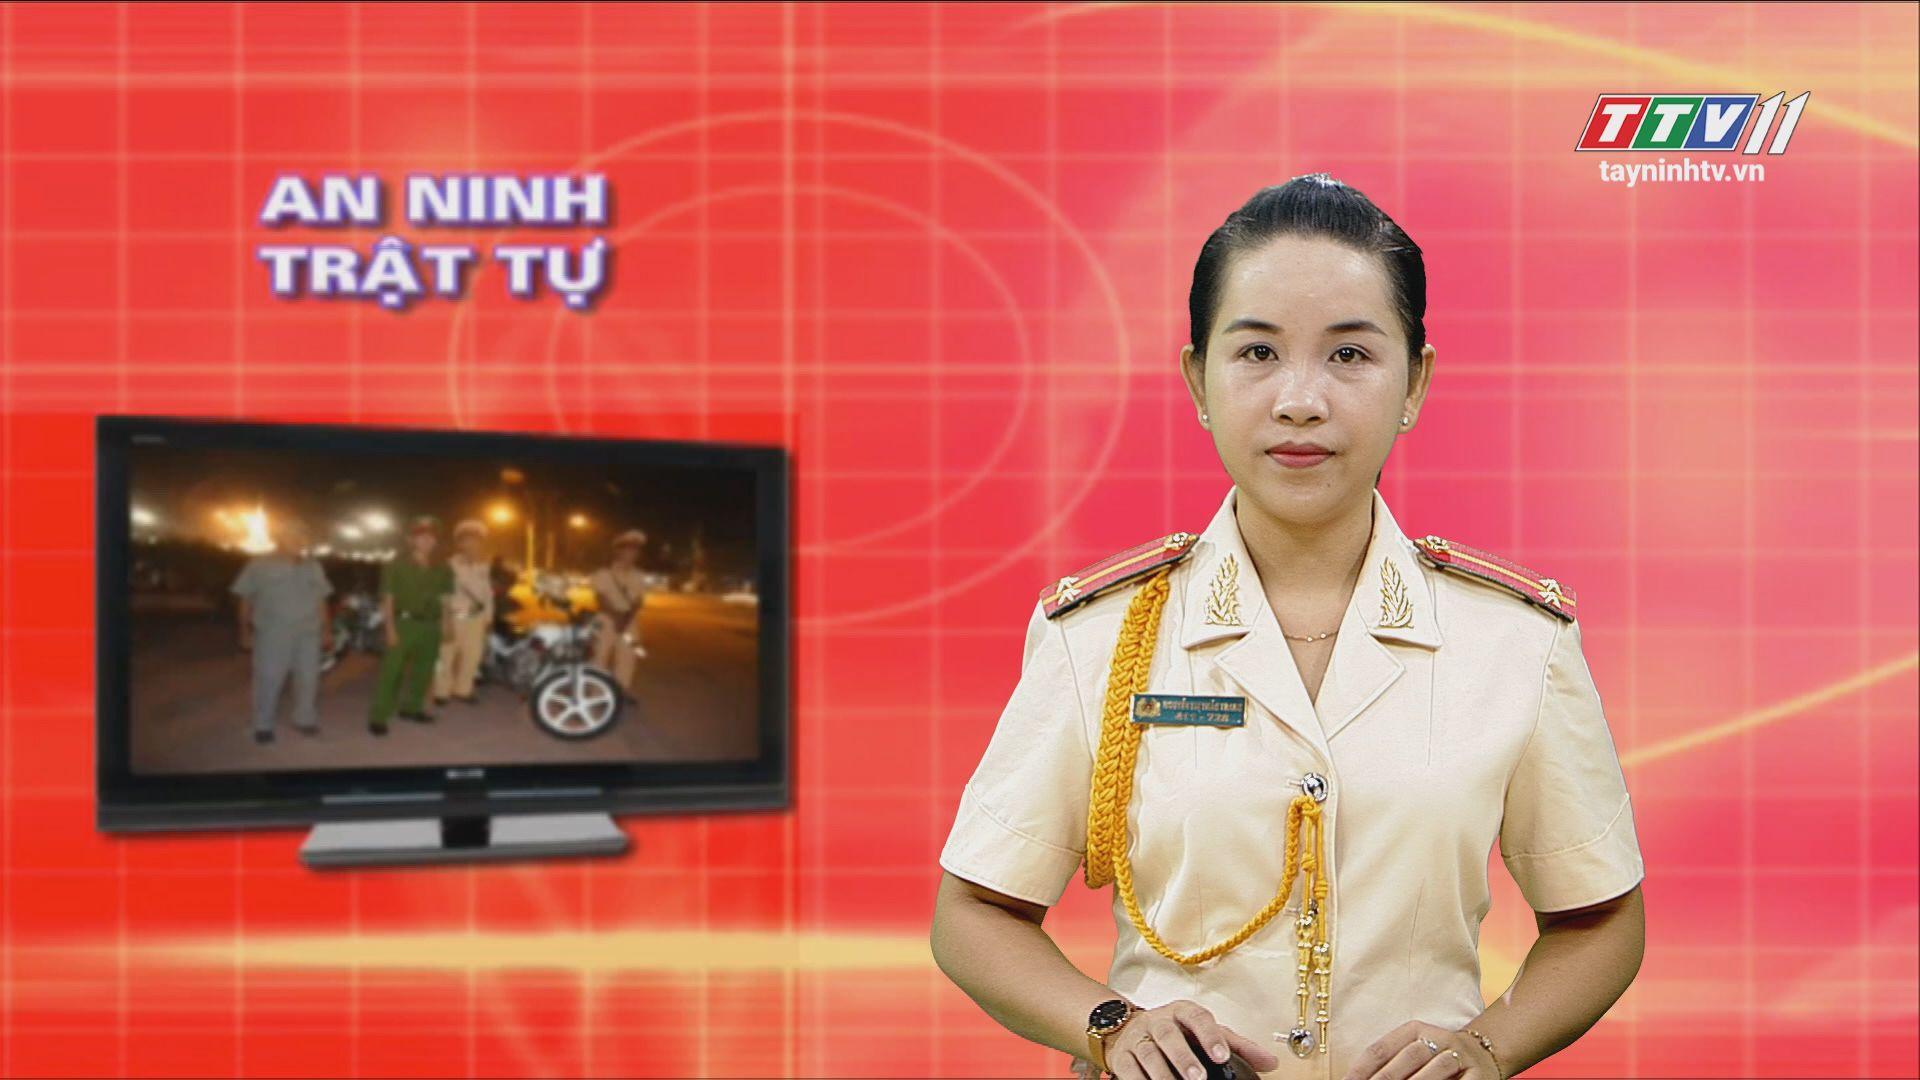 An ninh trật tự 20-12-2019 | Tin tức hôm nay | TayNinhTV